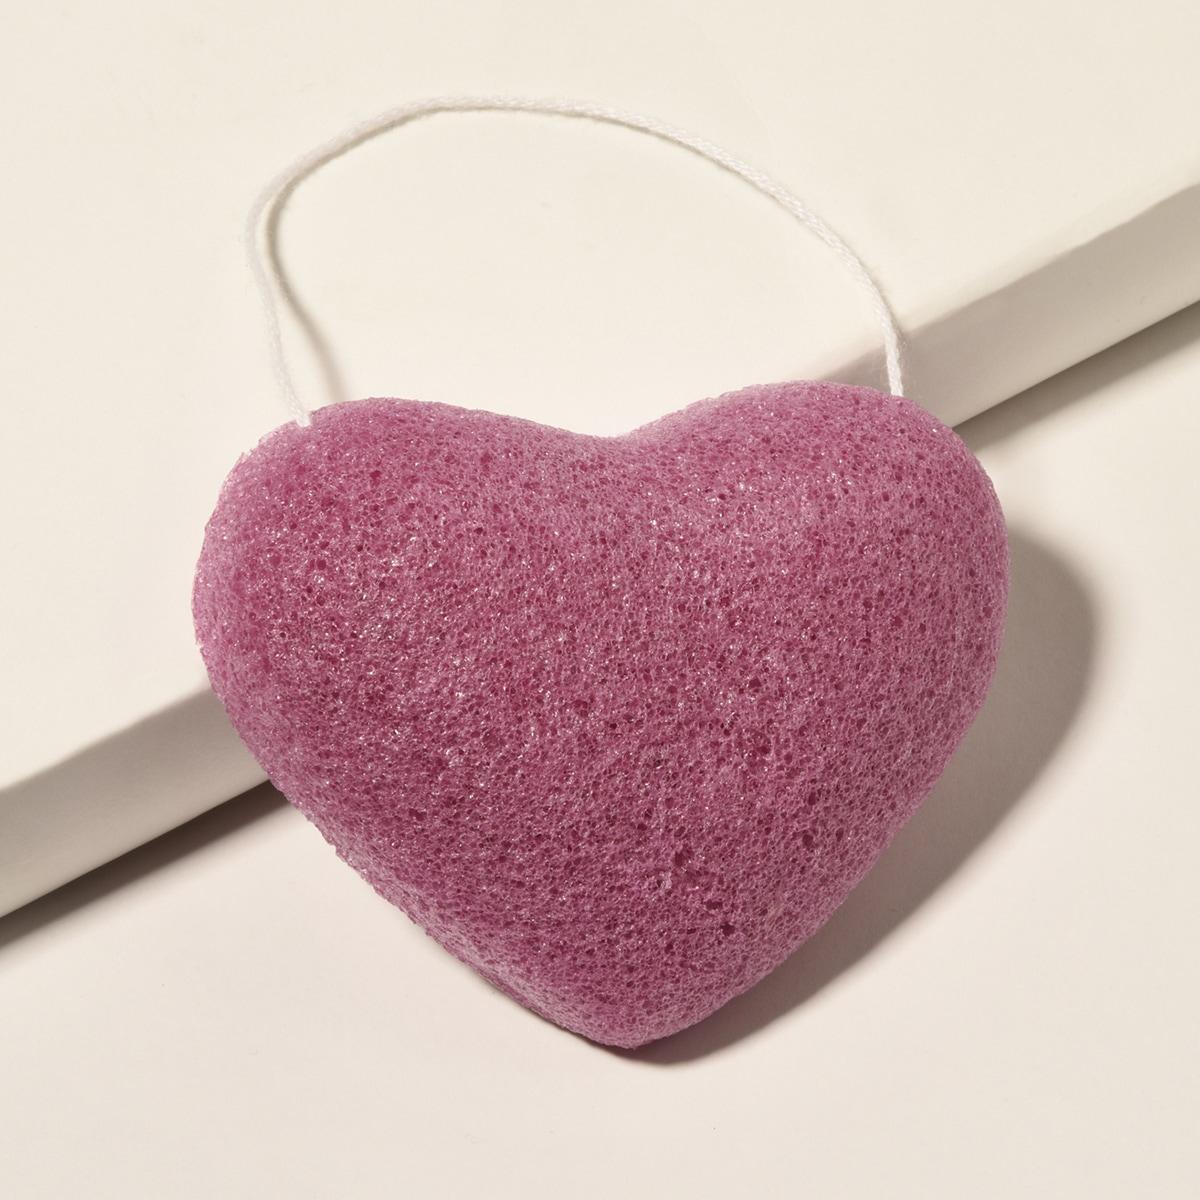 Губка для очищения лица в форме сердечка